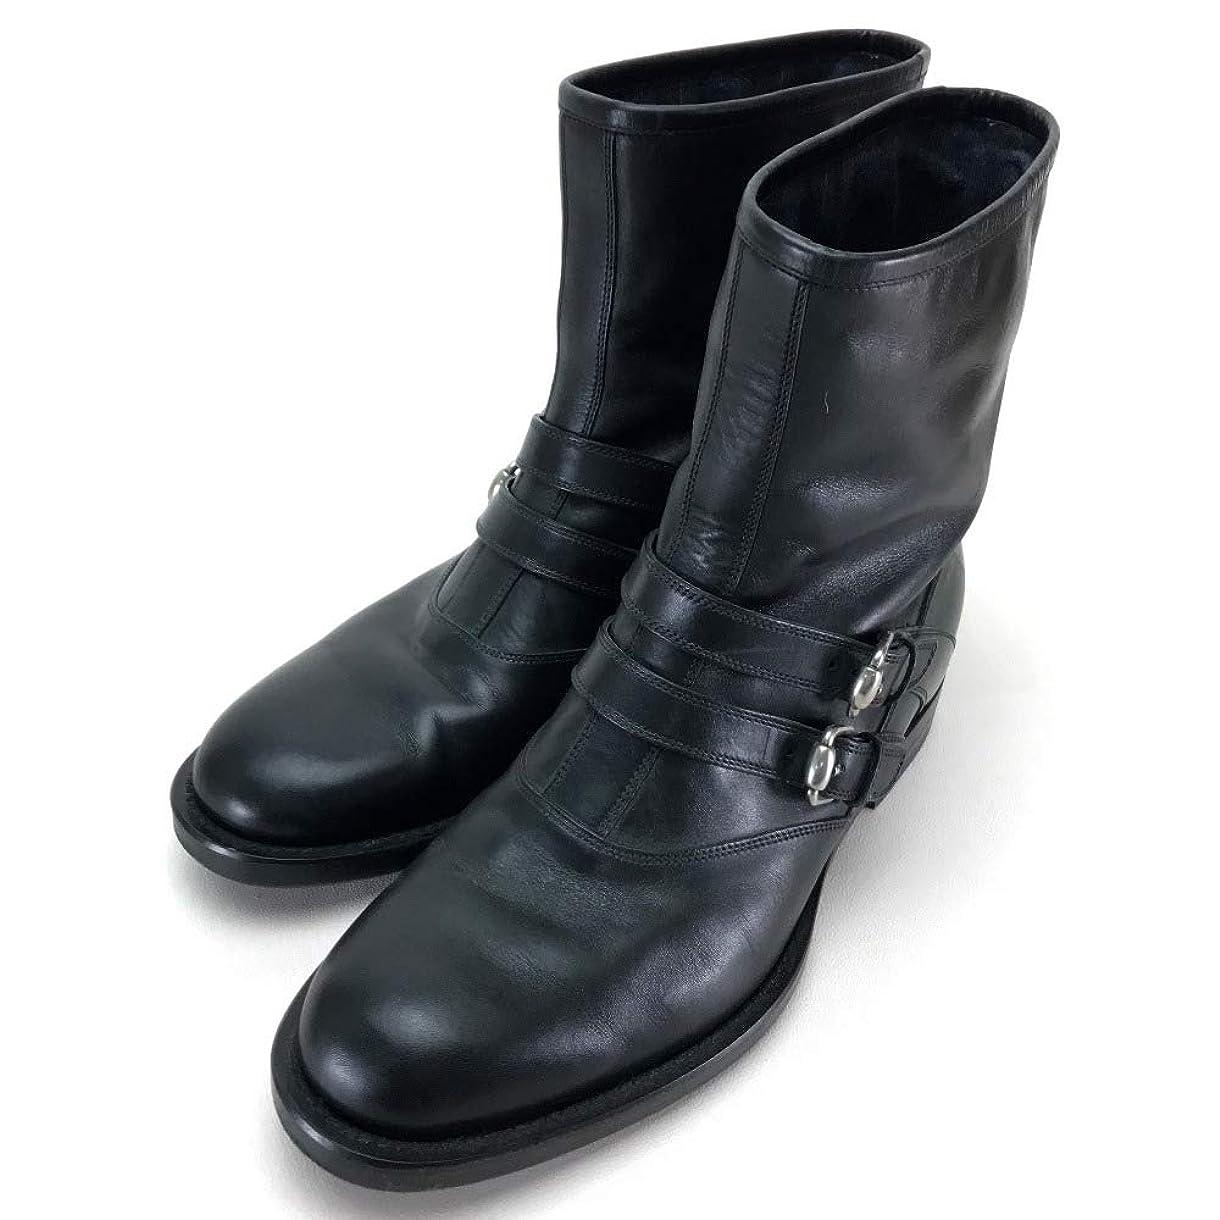 あからさまペースト割り当てる(グッチ)GUCCI ベルト付 ニューモロー シューズ 靴 ショートブーツ ブーツ レザー/メンズ 中古